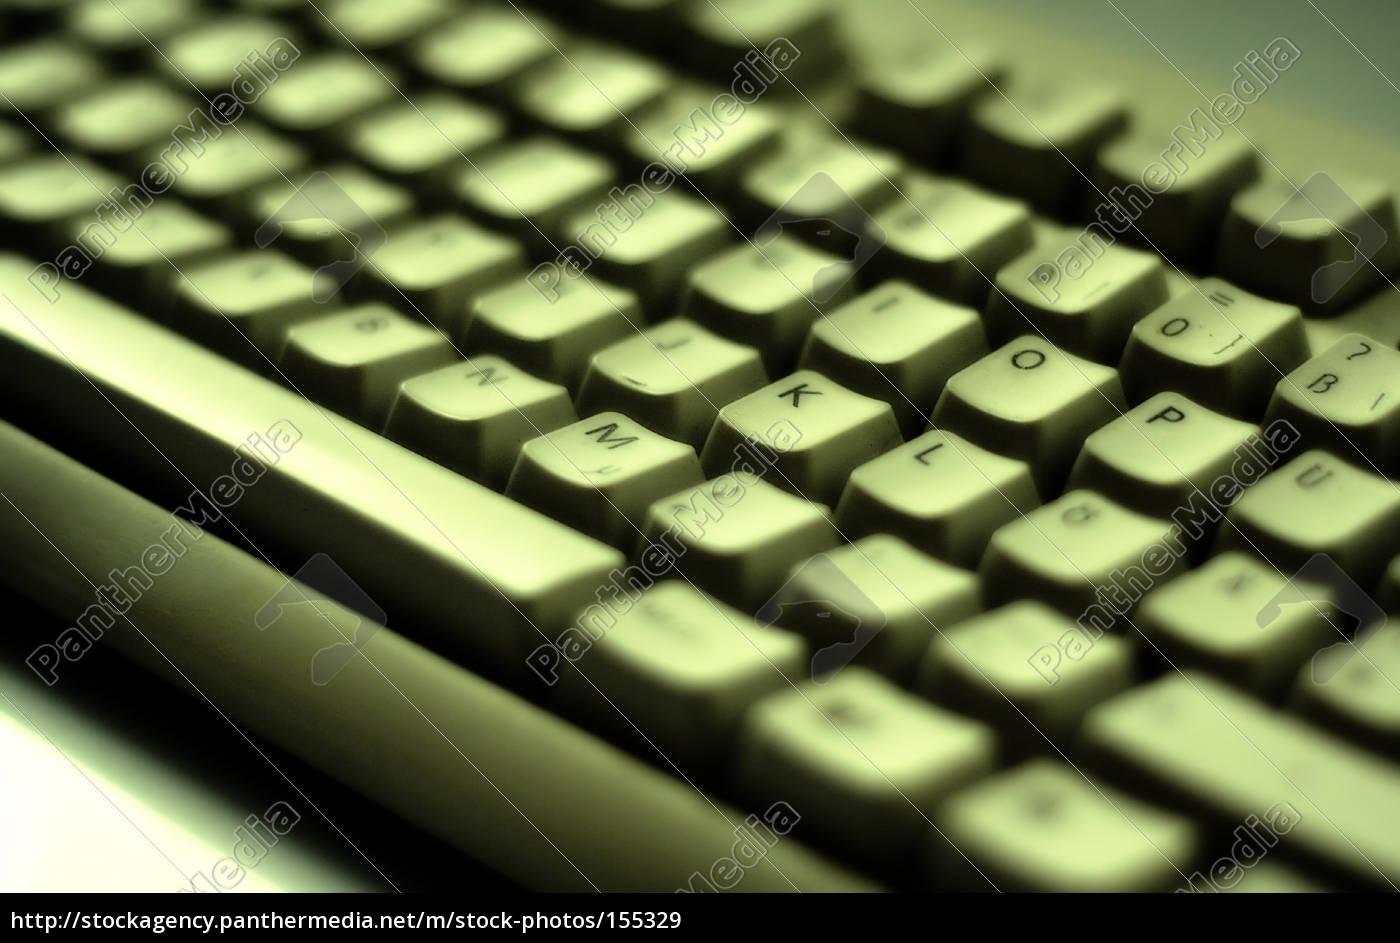 computer, keyboard, iii-b - 155329